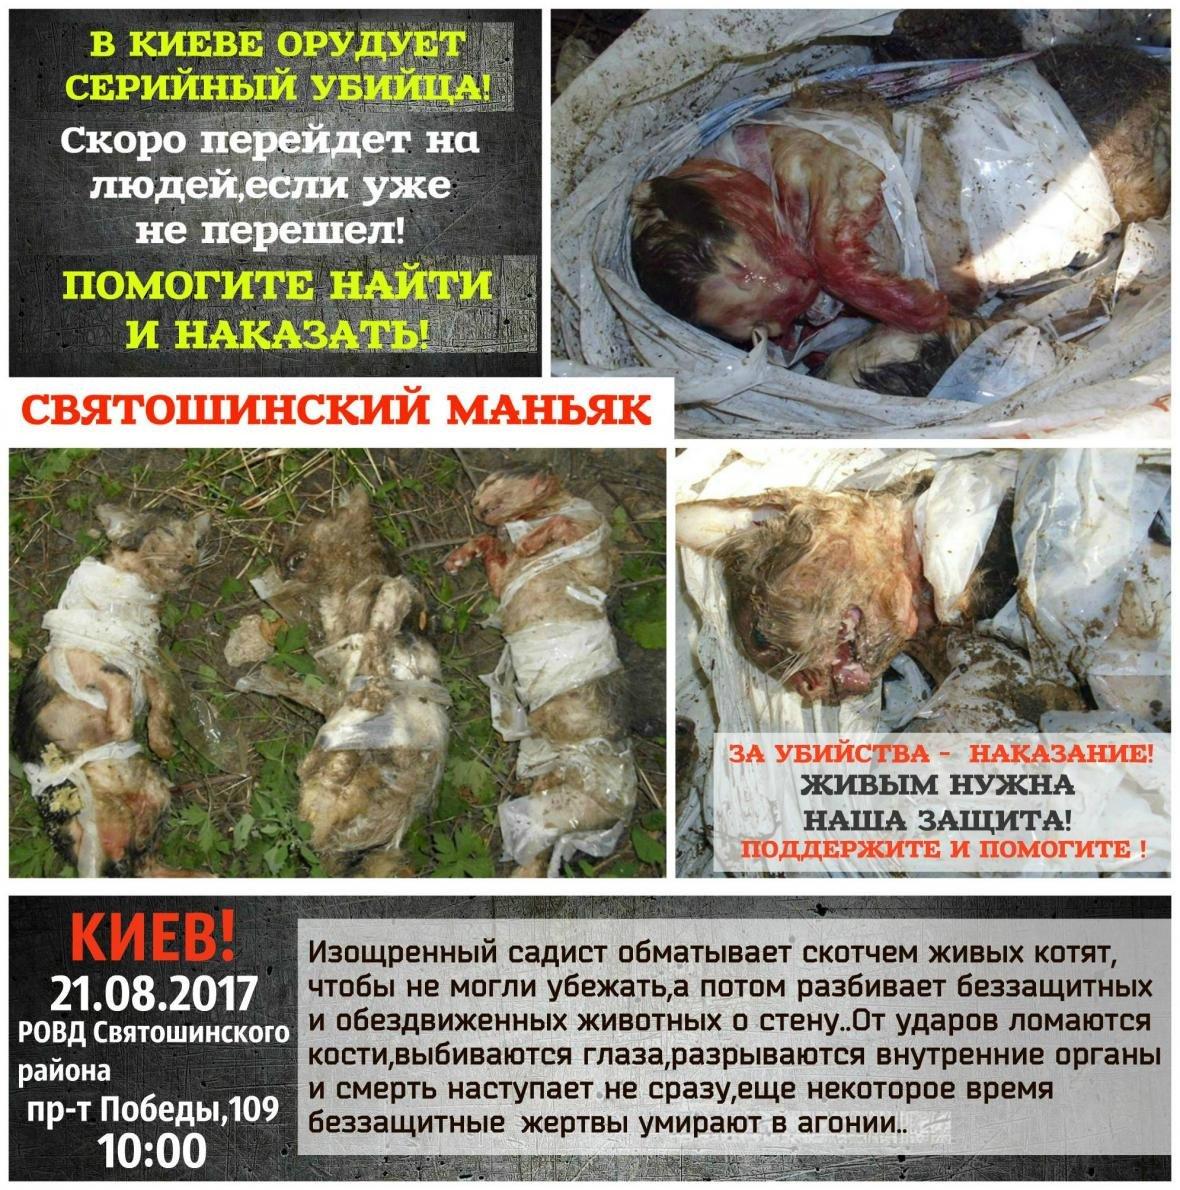 Человеческое зверство: в Киеве разыскивают убийцу трех котят, фото-1